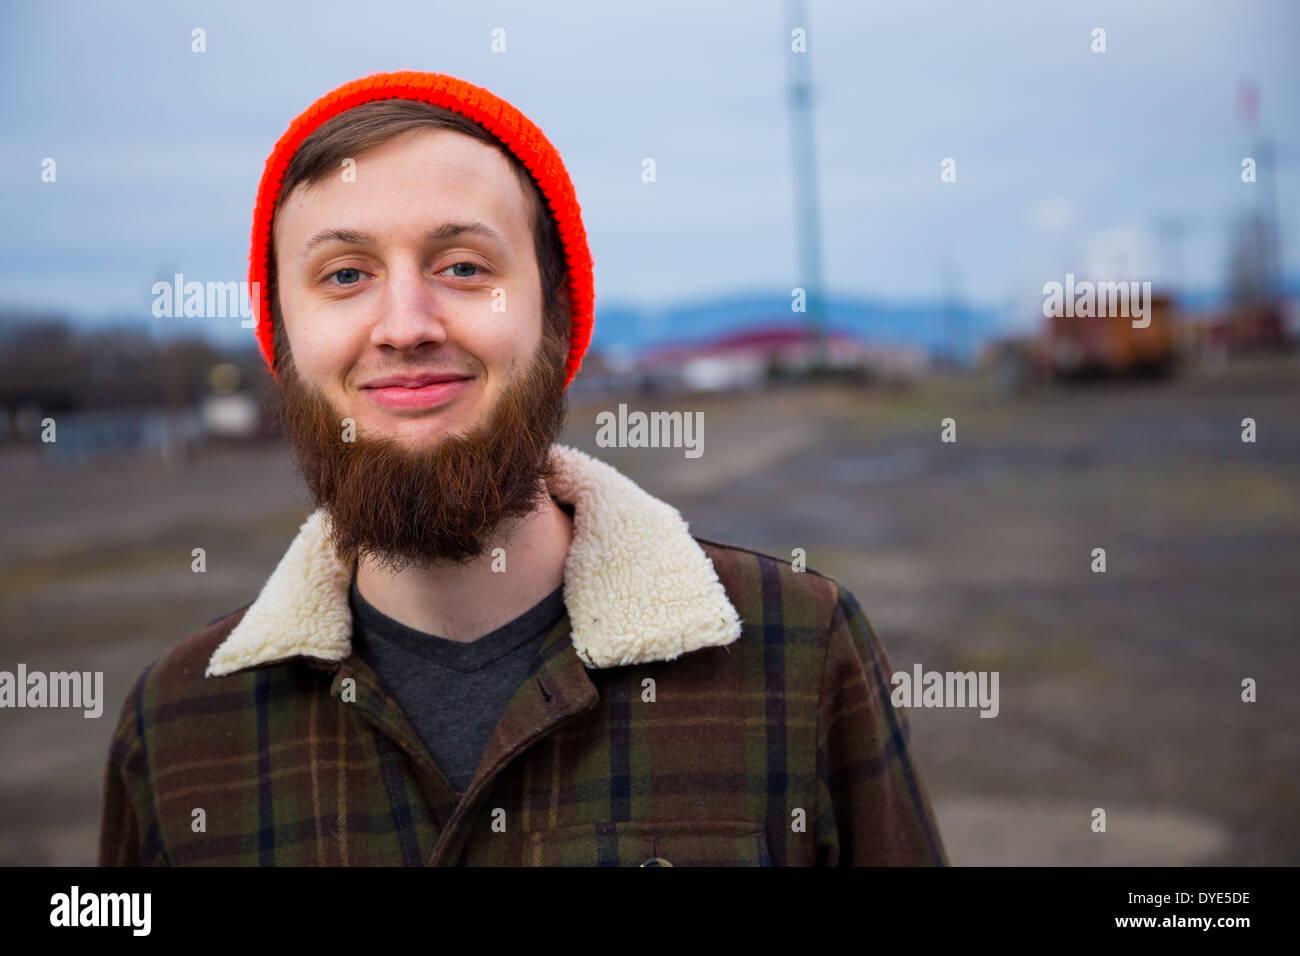 Moderne, trendige, hipster Kerl in einem verlassenen Bahnhof Hof bei Dämmerung in diesem Mode Stil portrait. Stockbild